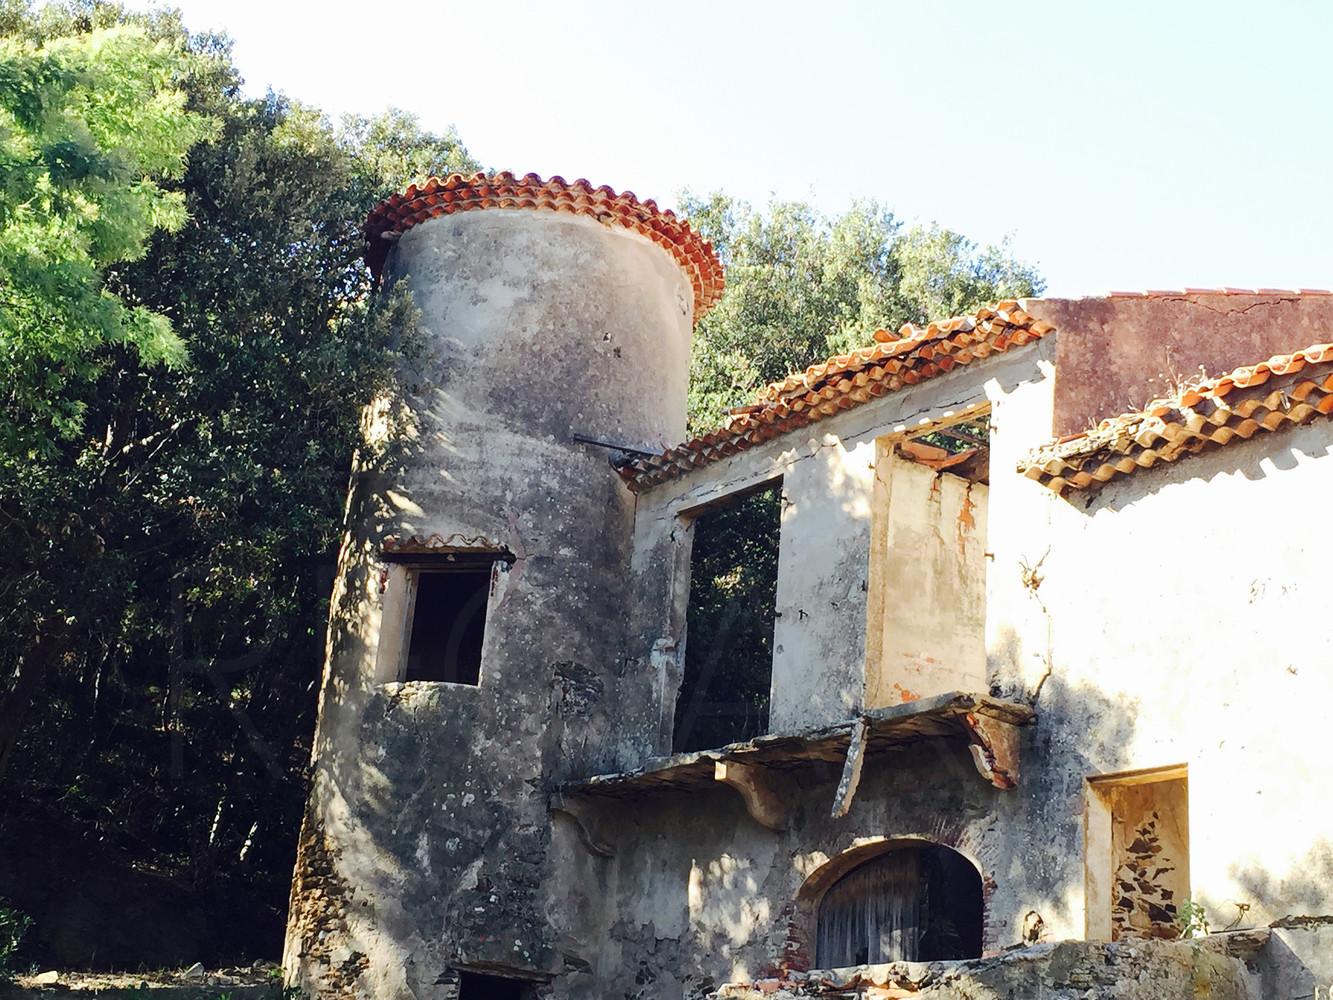 chateau a vendre au gaou b nat avec vue mer domaine priv et gardienn var cote d 39 azur. Black Bedroom Furniture Sets. Home Design Ideas